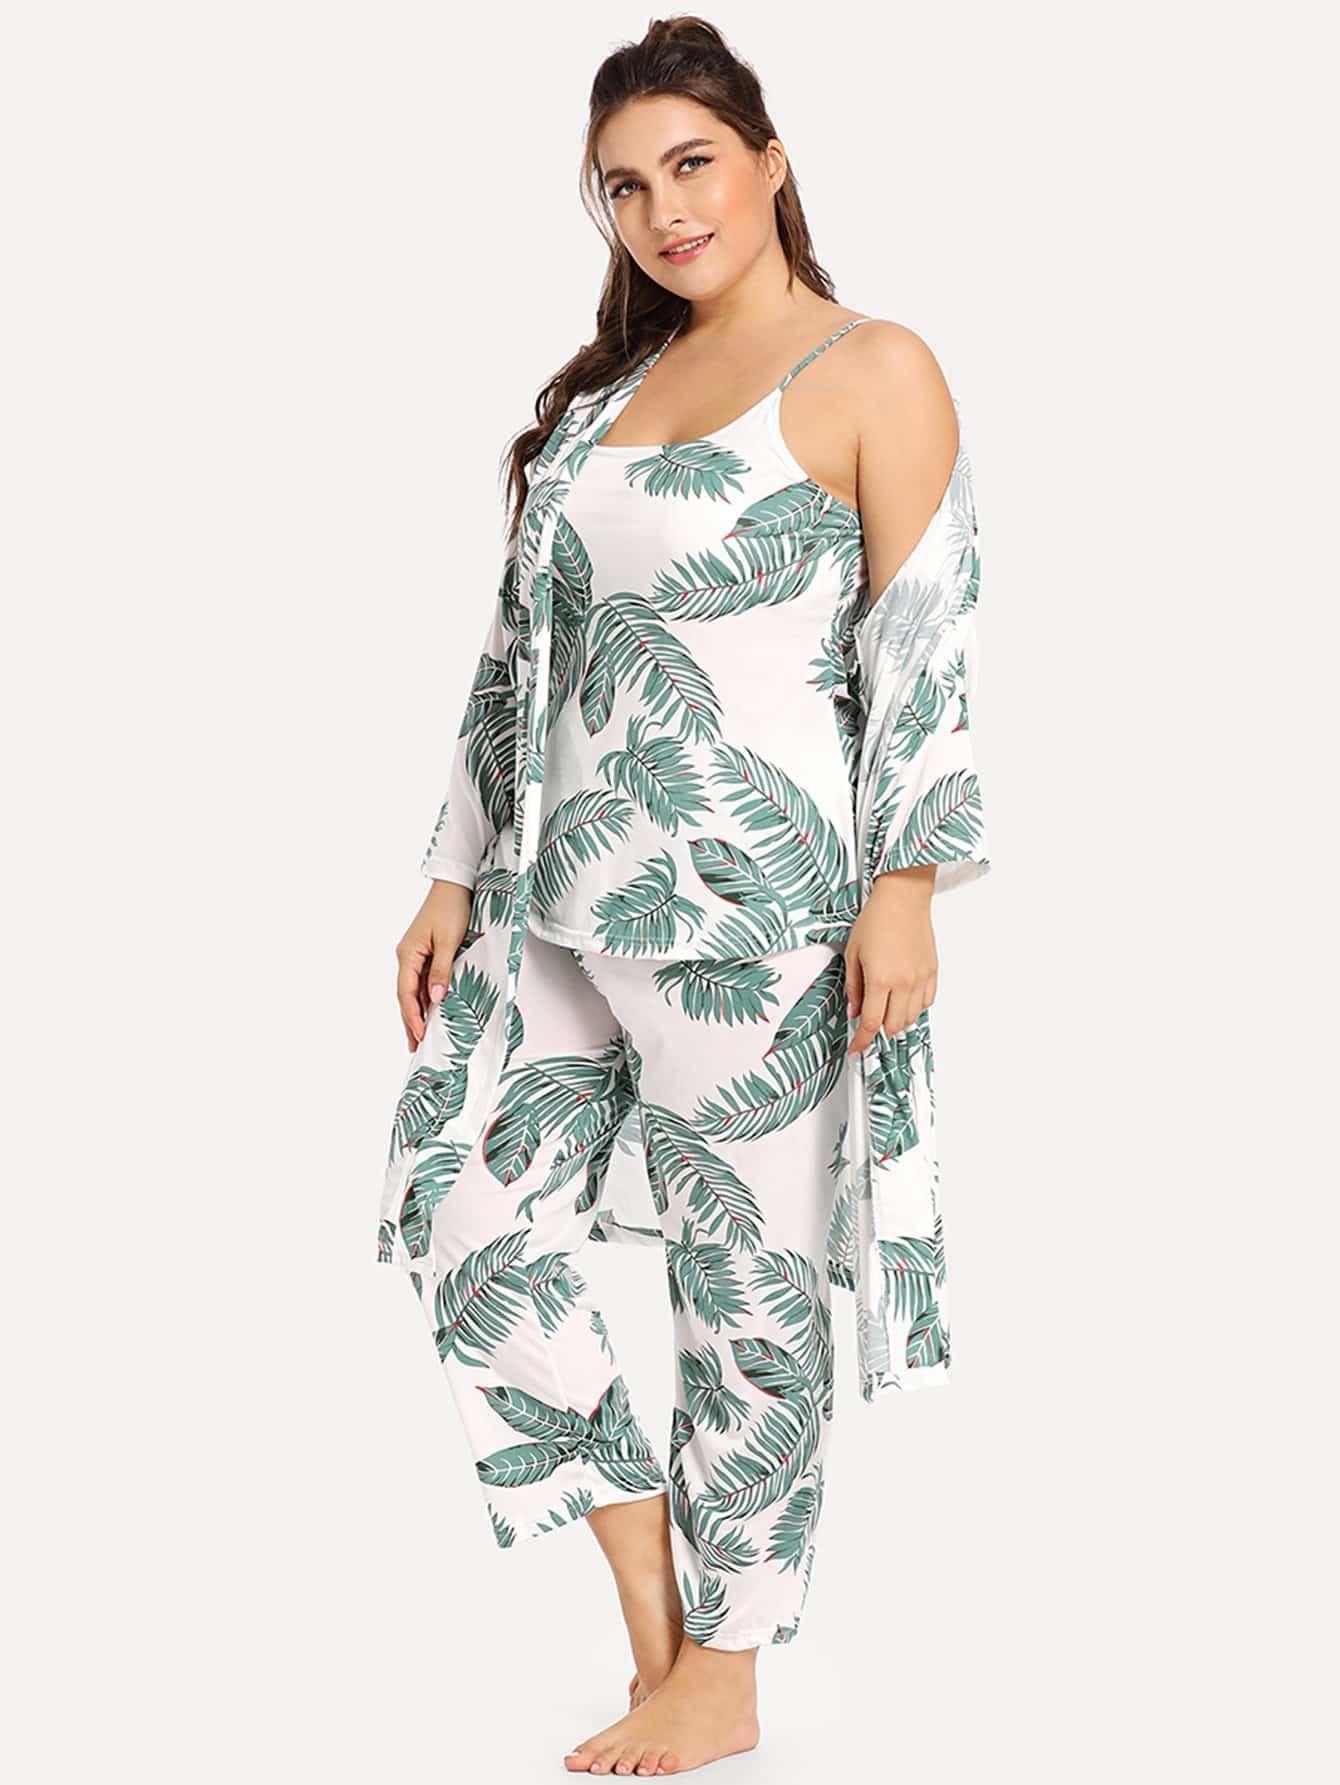 Купить Комплект пижамы на бретелях с принтом пальмовых листьев и домашний халат, Franziska, SheIn